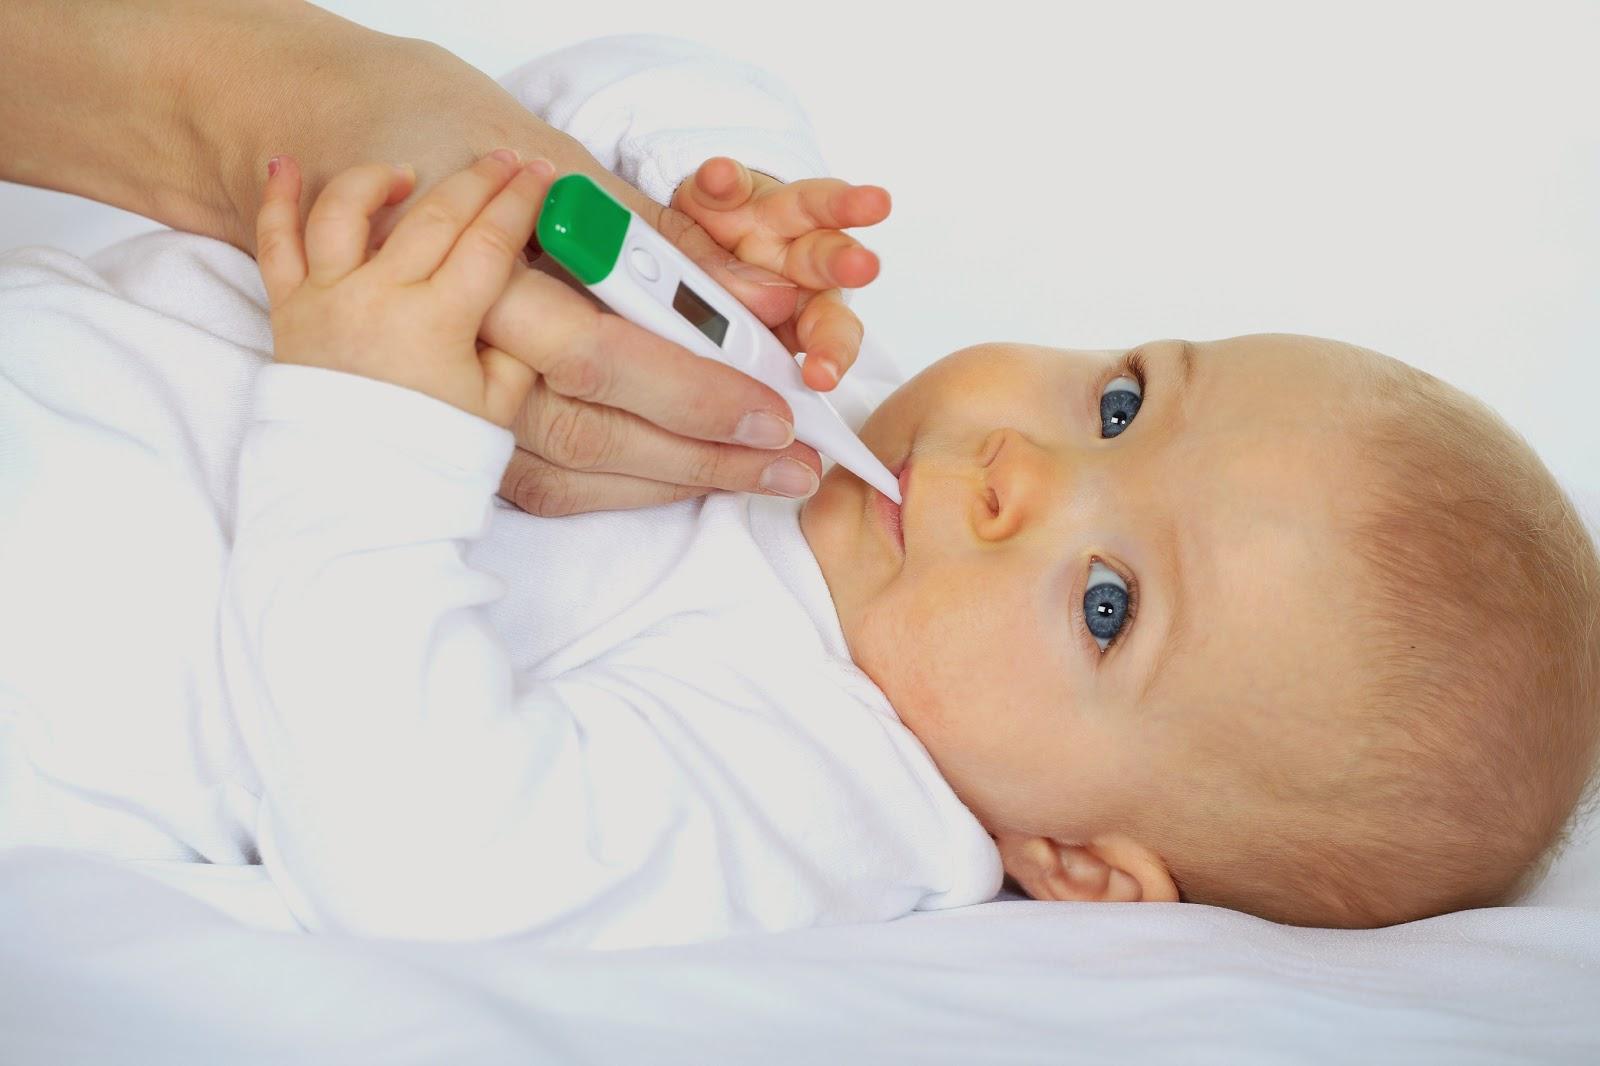 Dùng nhiệt kế để kiểm tra nhiệt độ cho trẻ